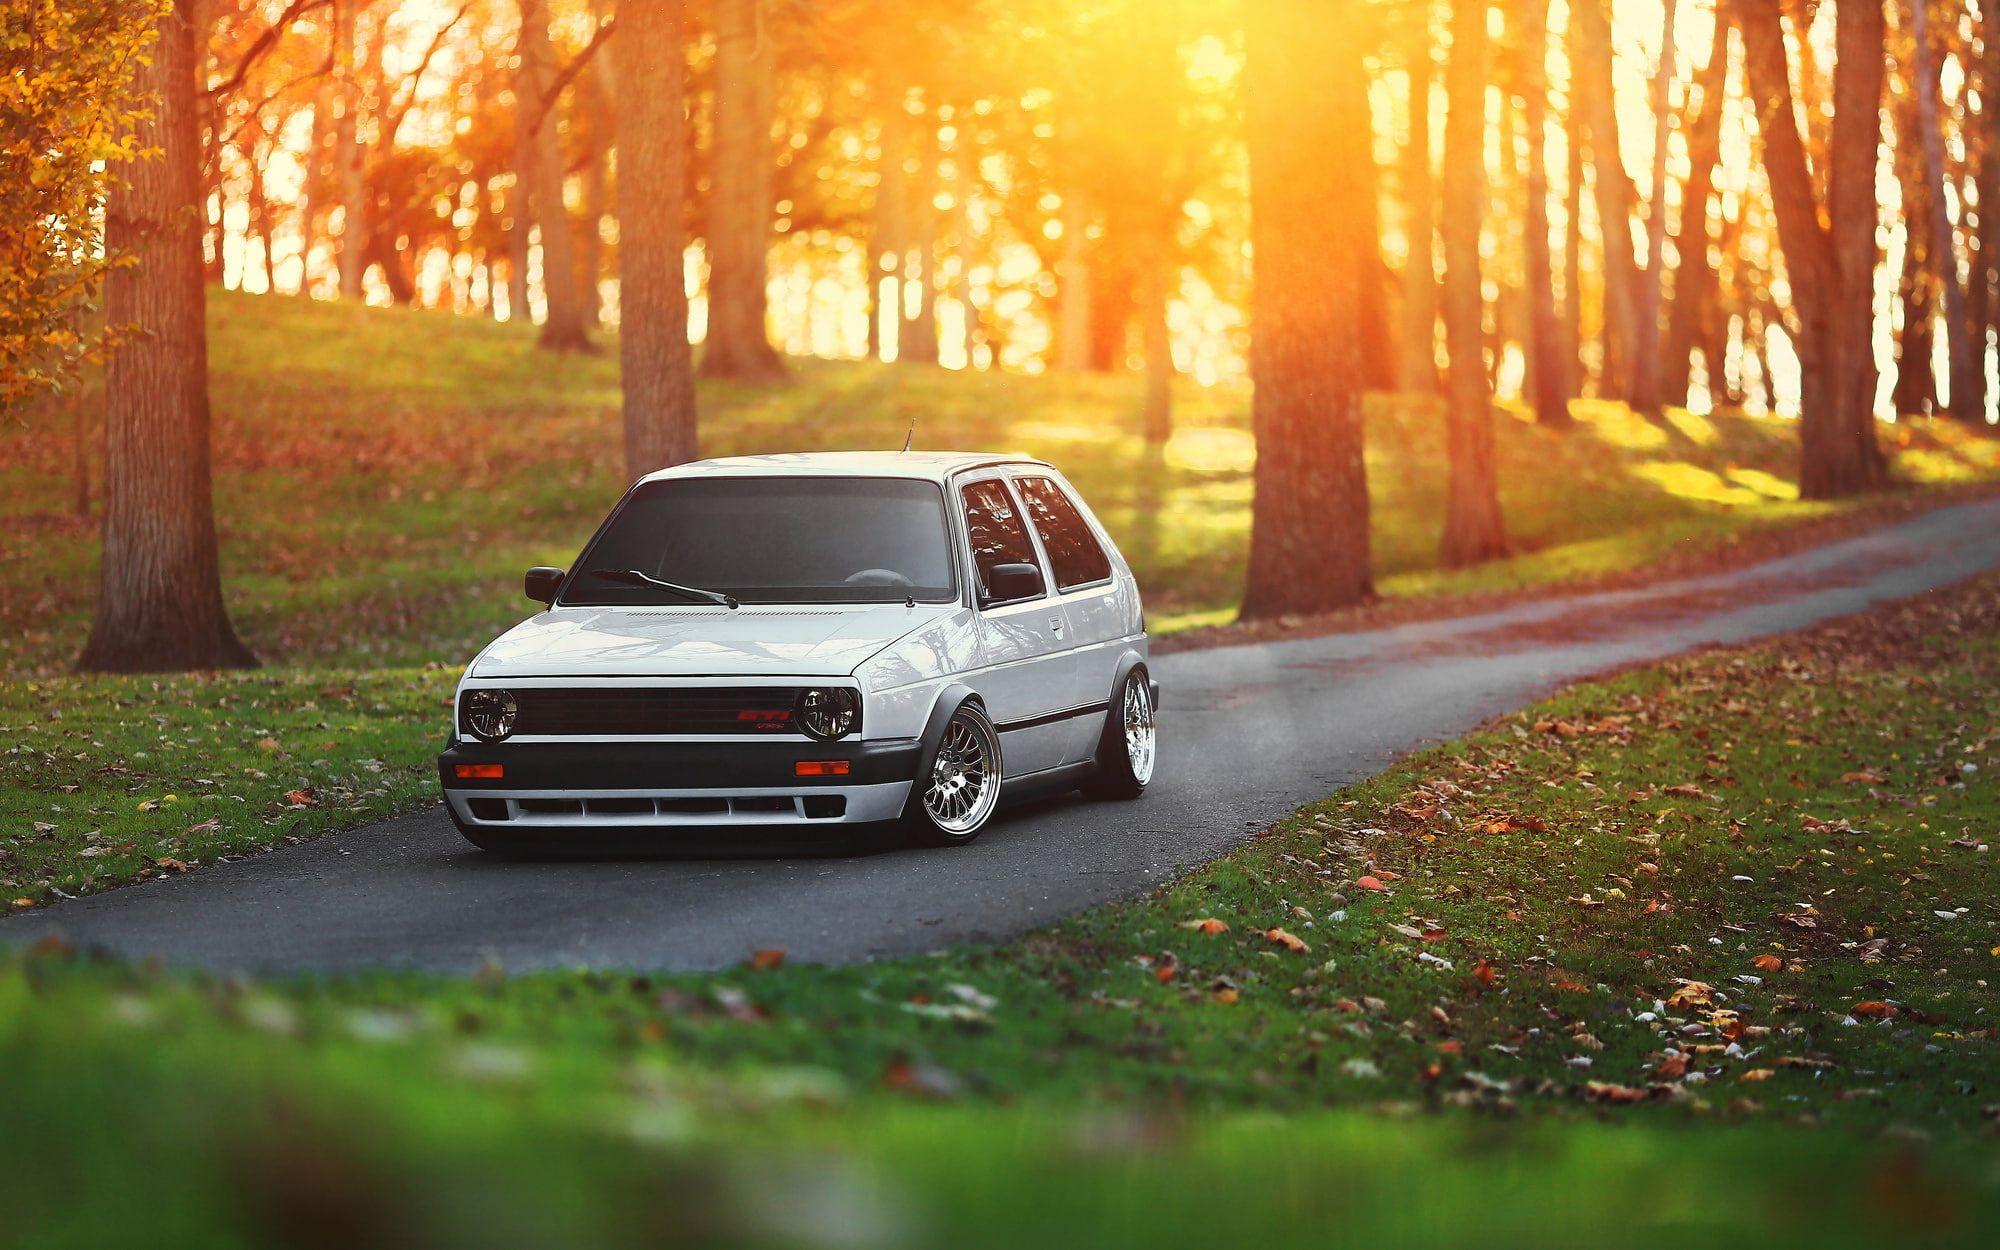 White 5 Door Hatchback Car Volkswagen Golf Tuning Gti Stance 1080p Wallpaper Hdwallpaper Desktop Volkswagen Gti Hatchback